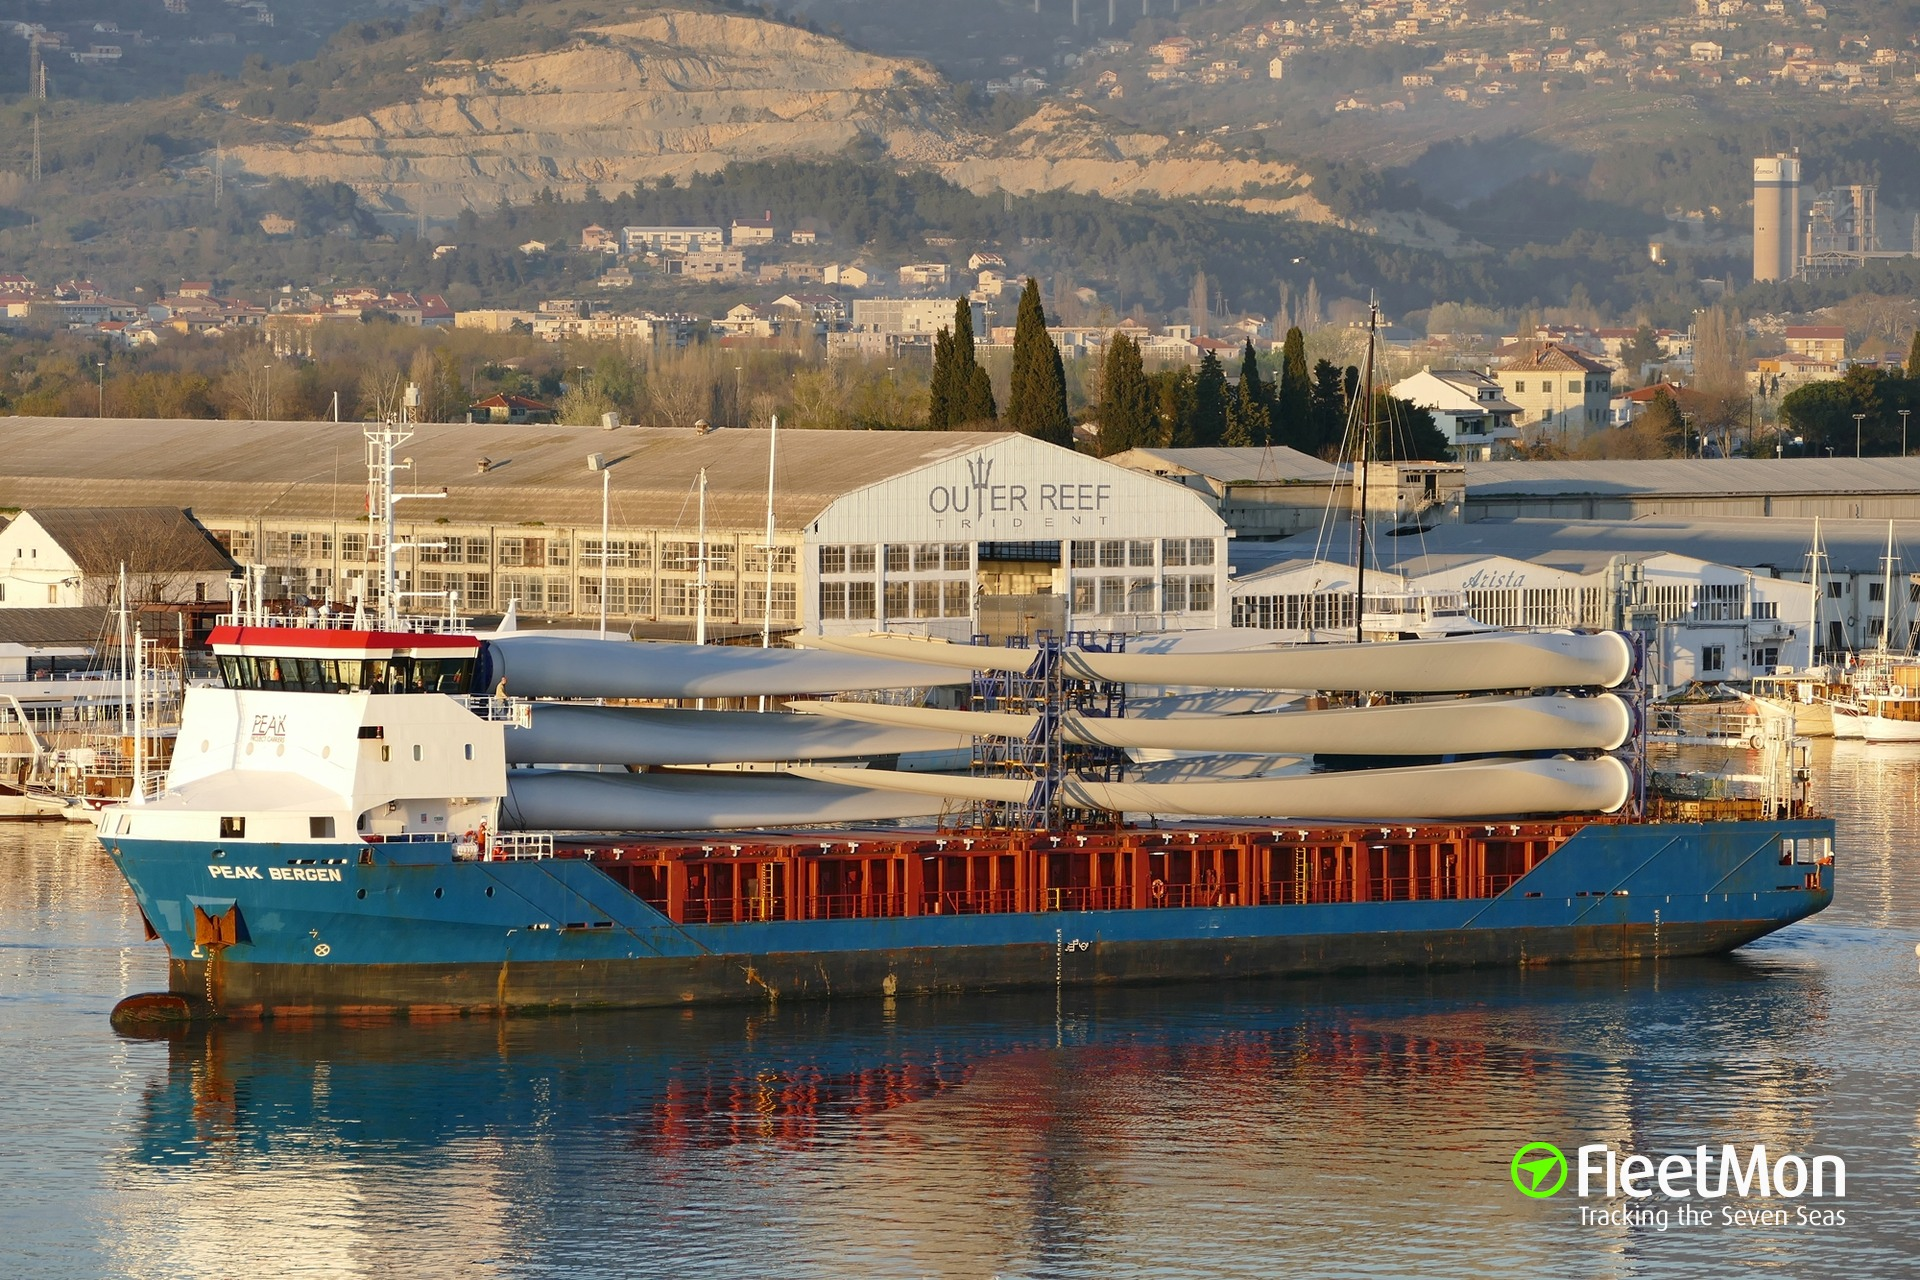 Grounded Dutch freighter ABIS BERGEN blocked Rostock, Master found drunk